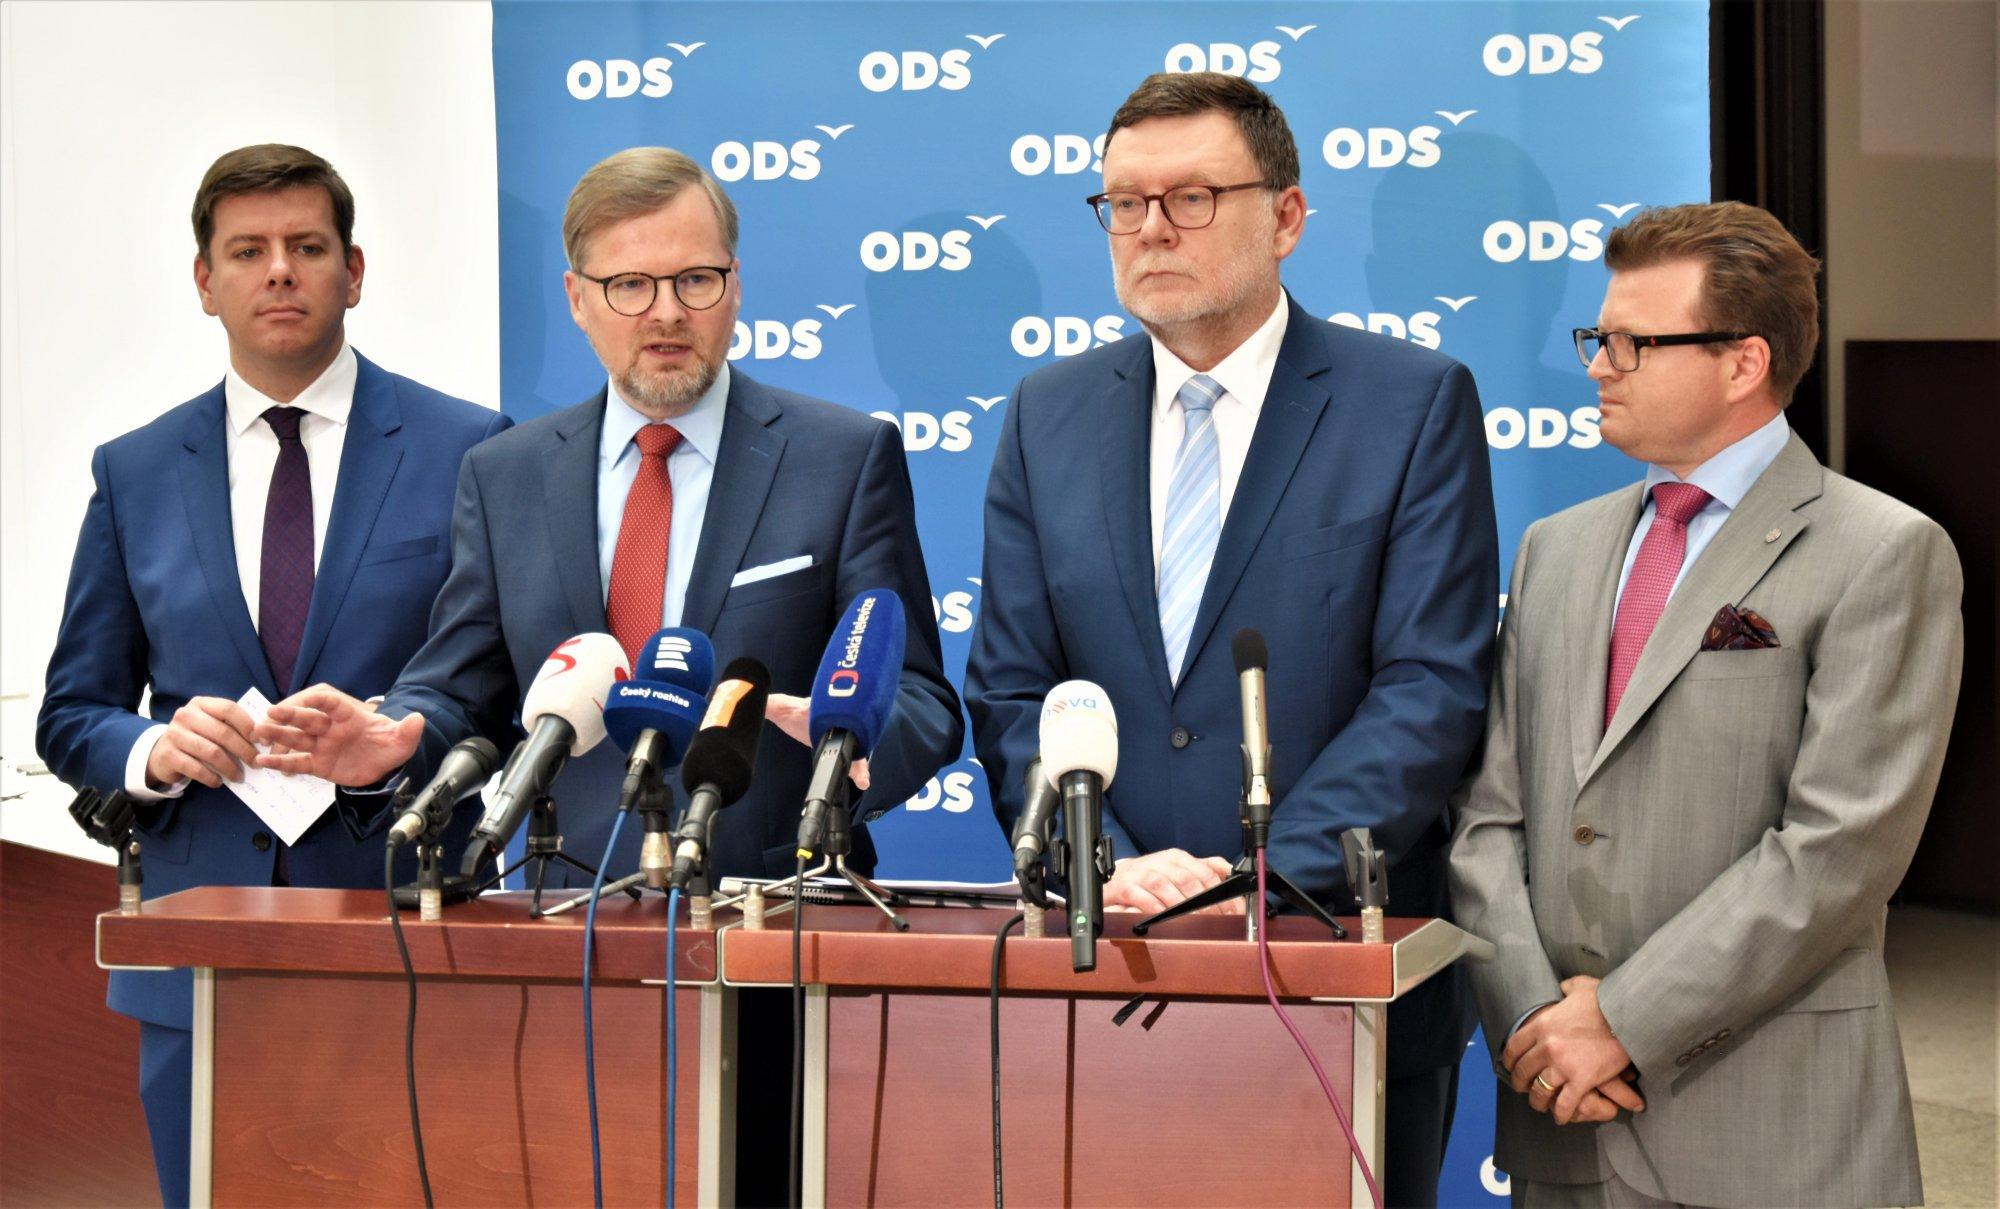 ODS: Úspěch ve Sněmovně! Prosadili jsme zrušení daně z nabytí nemovitosti a zachování úroků z hypoték